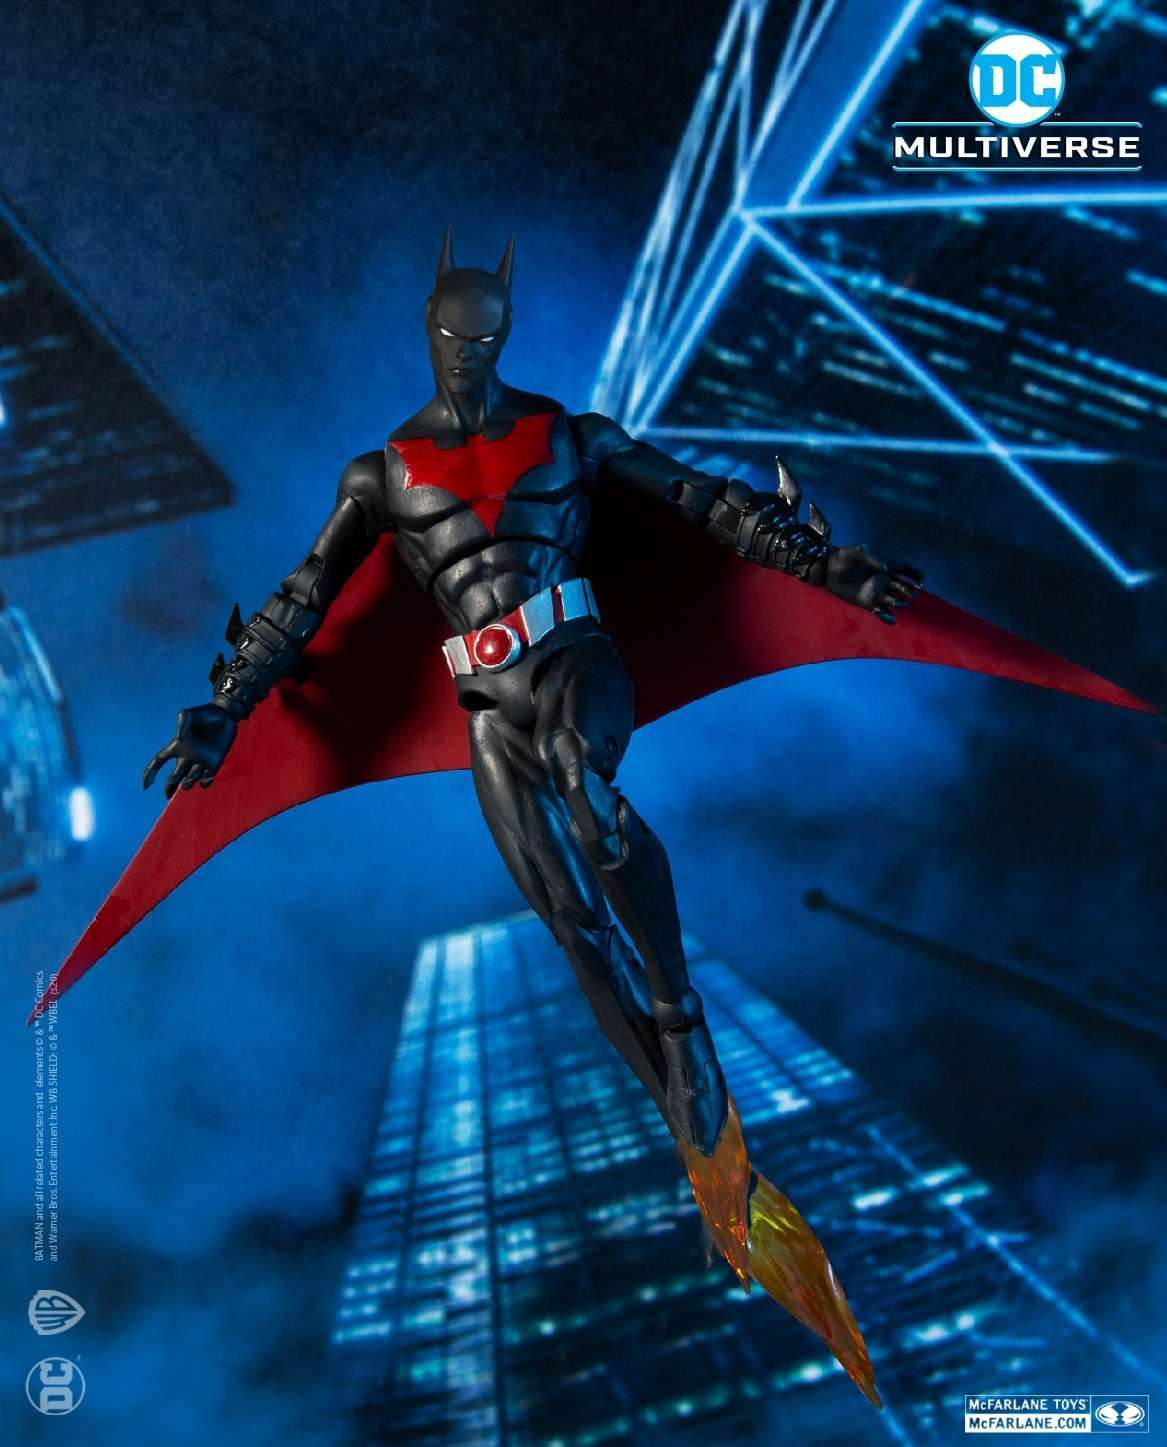 mcfarlane-toys-batman-beyond-figure